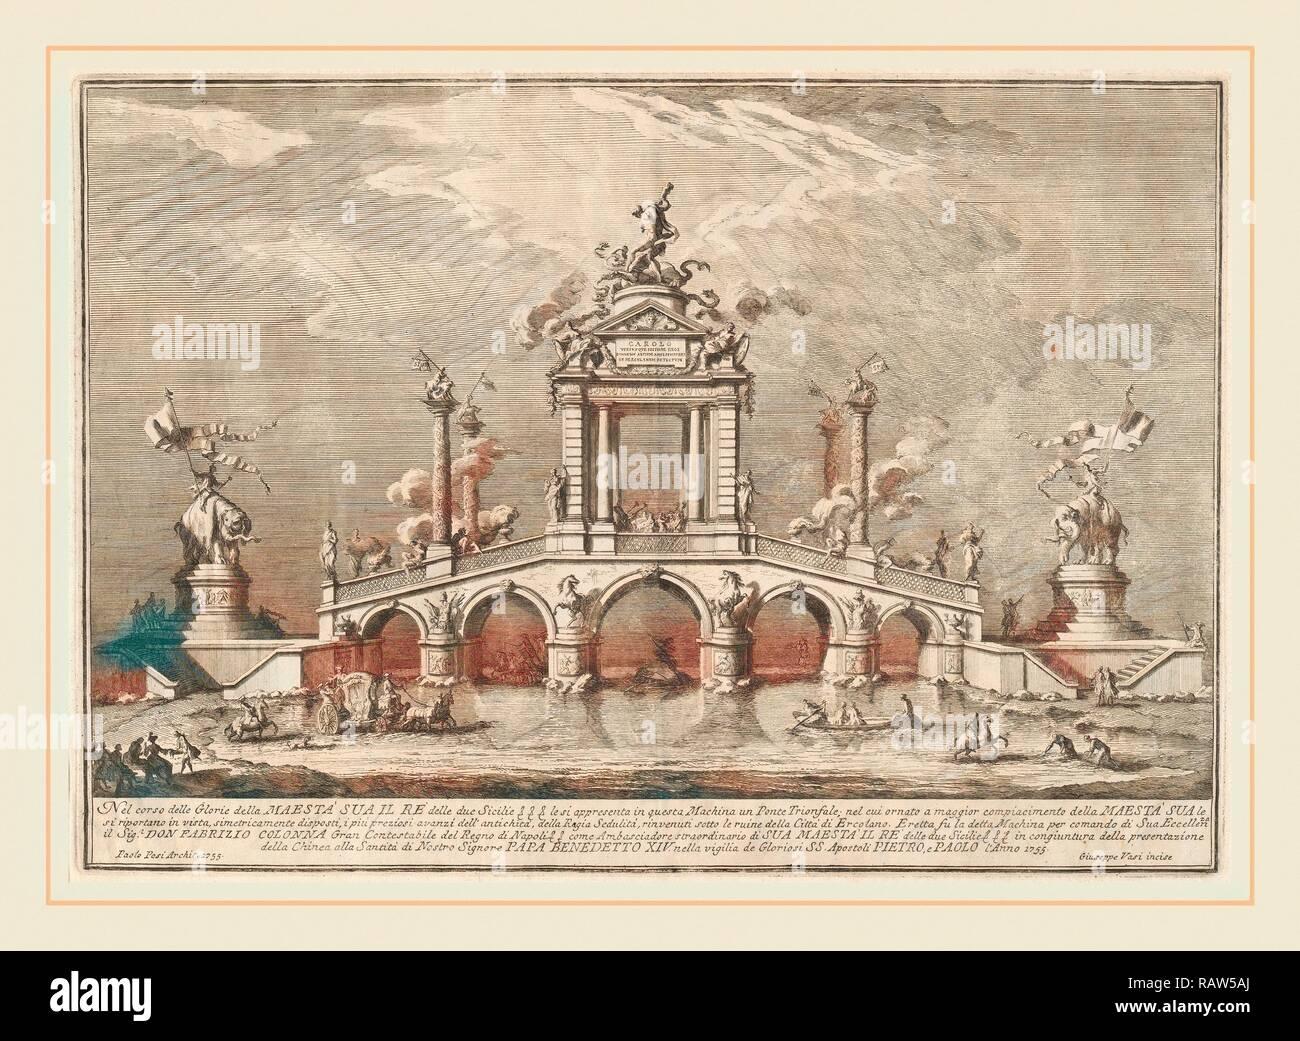 Giuseppe Vasi dopo Paolo Posi (architetto), un ponte trionfale ornato con le reliquie della città di Ercolano, Italiano reinventato Immagini Stock